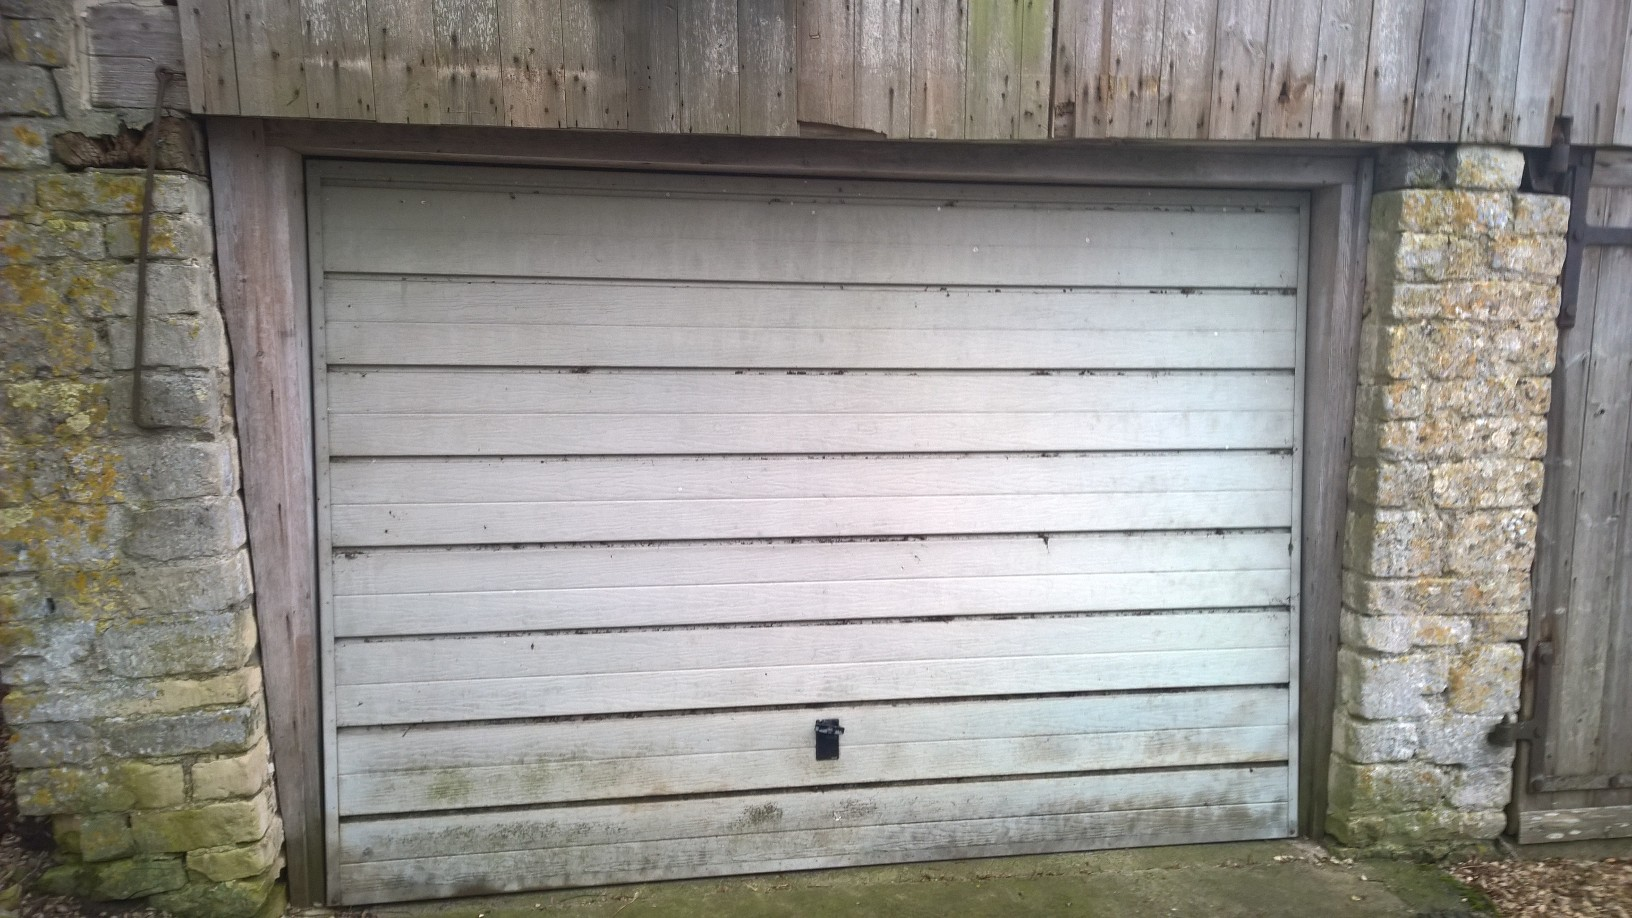 Cardale novoferm steel georgian garage door in dusty grey with air before air vents in garage door rubansaba